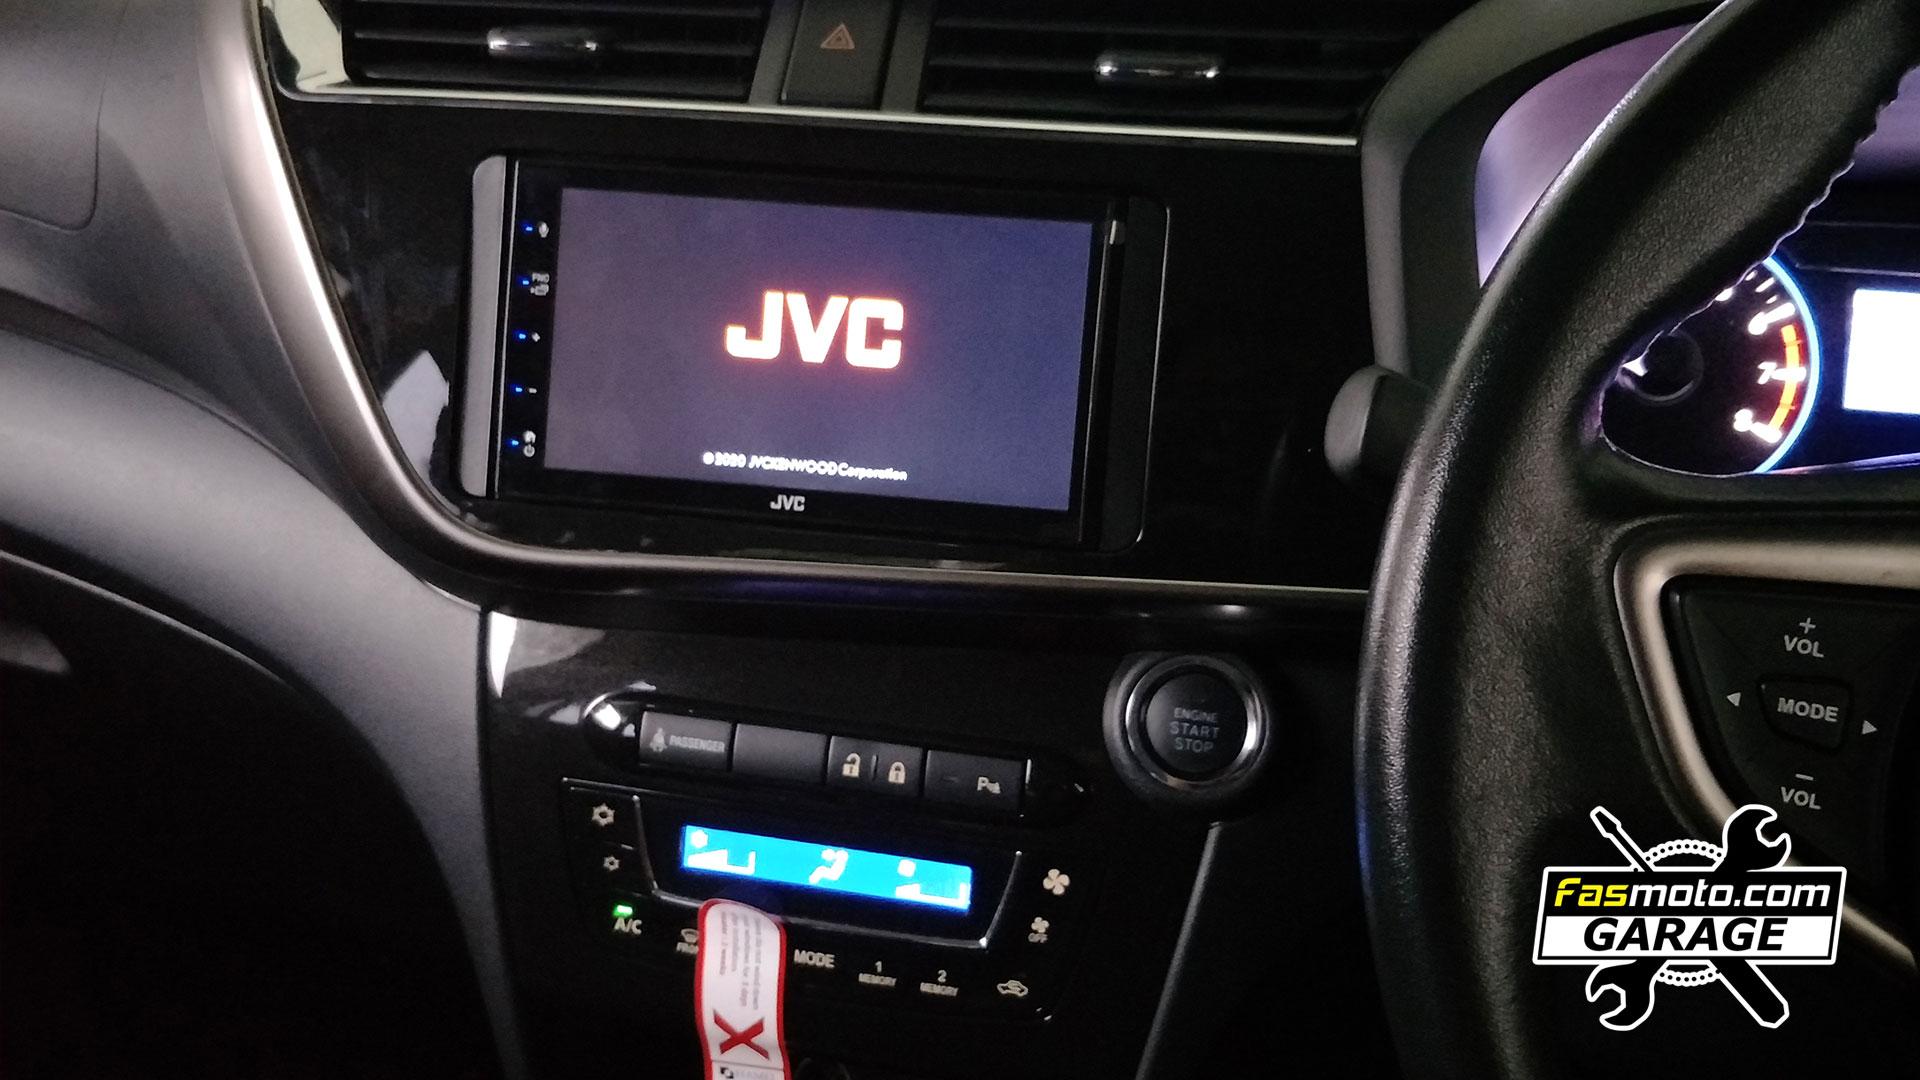 Perodua Myvi 3rd Gen JVC KW M560BT Blaupunkt RC 3 Install